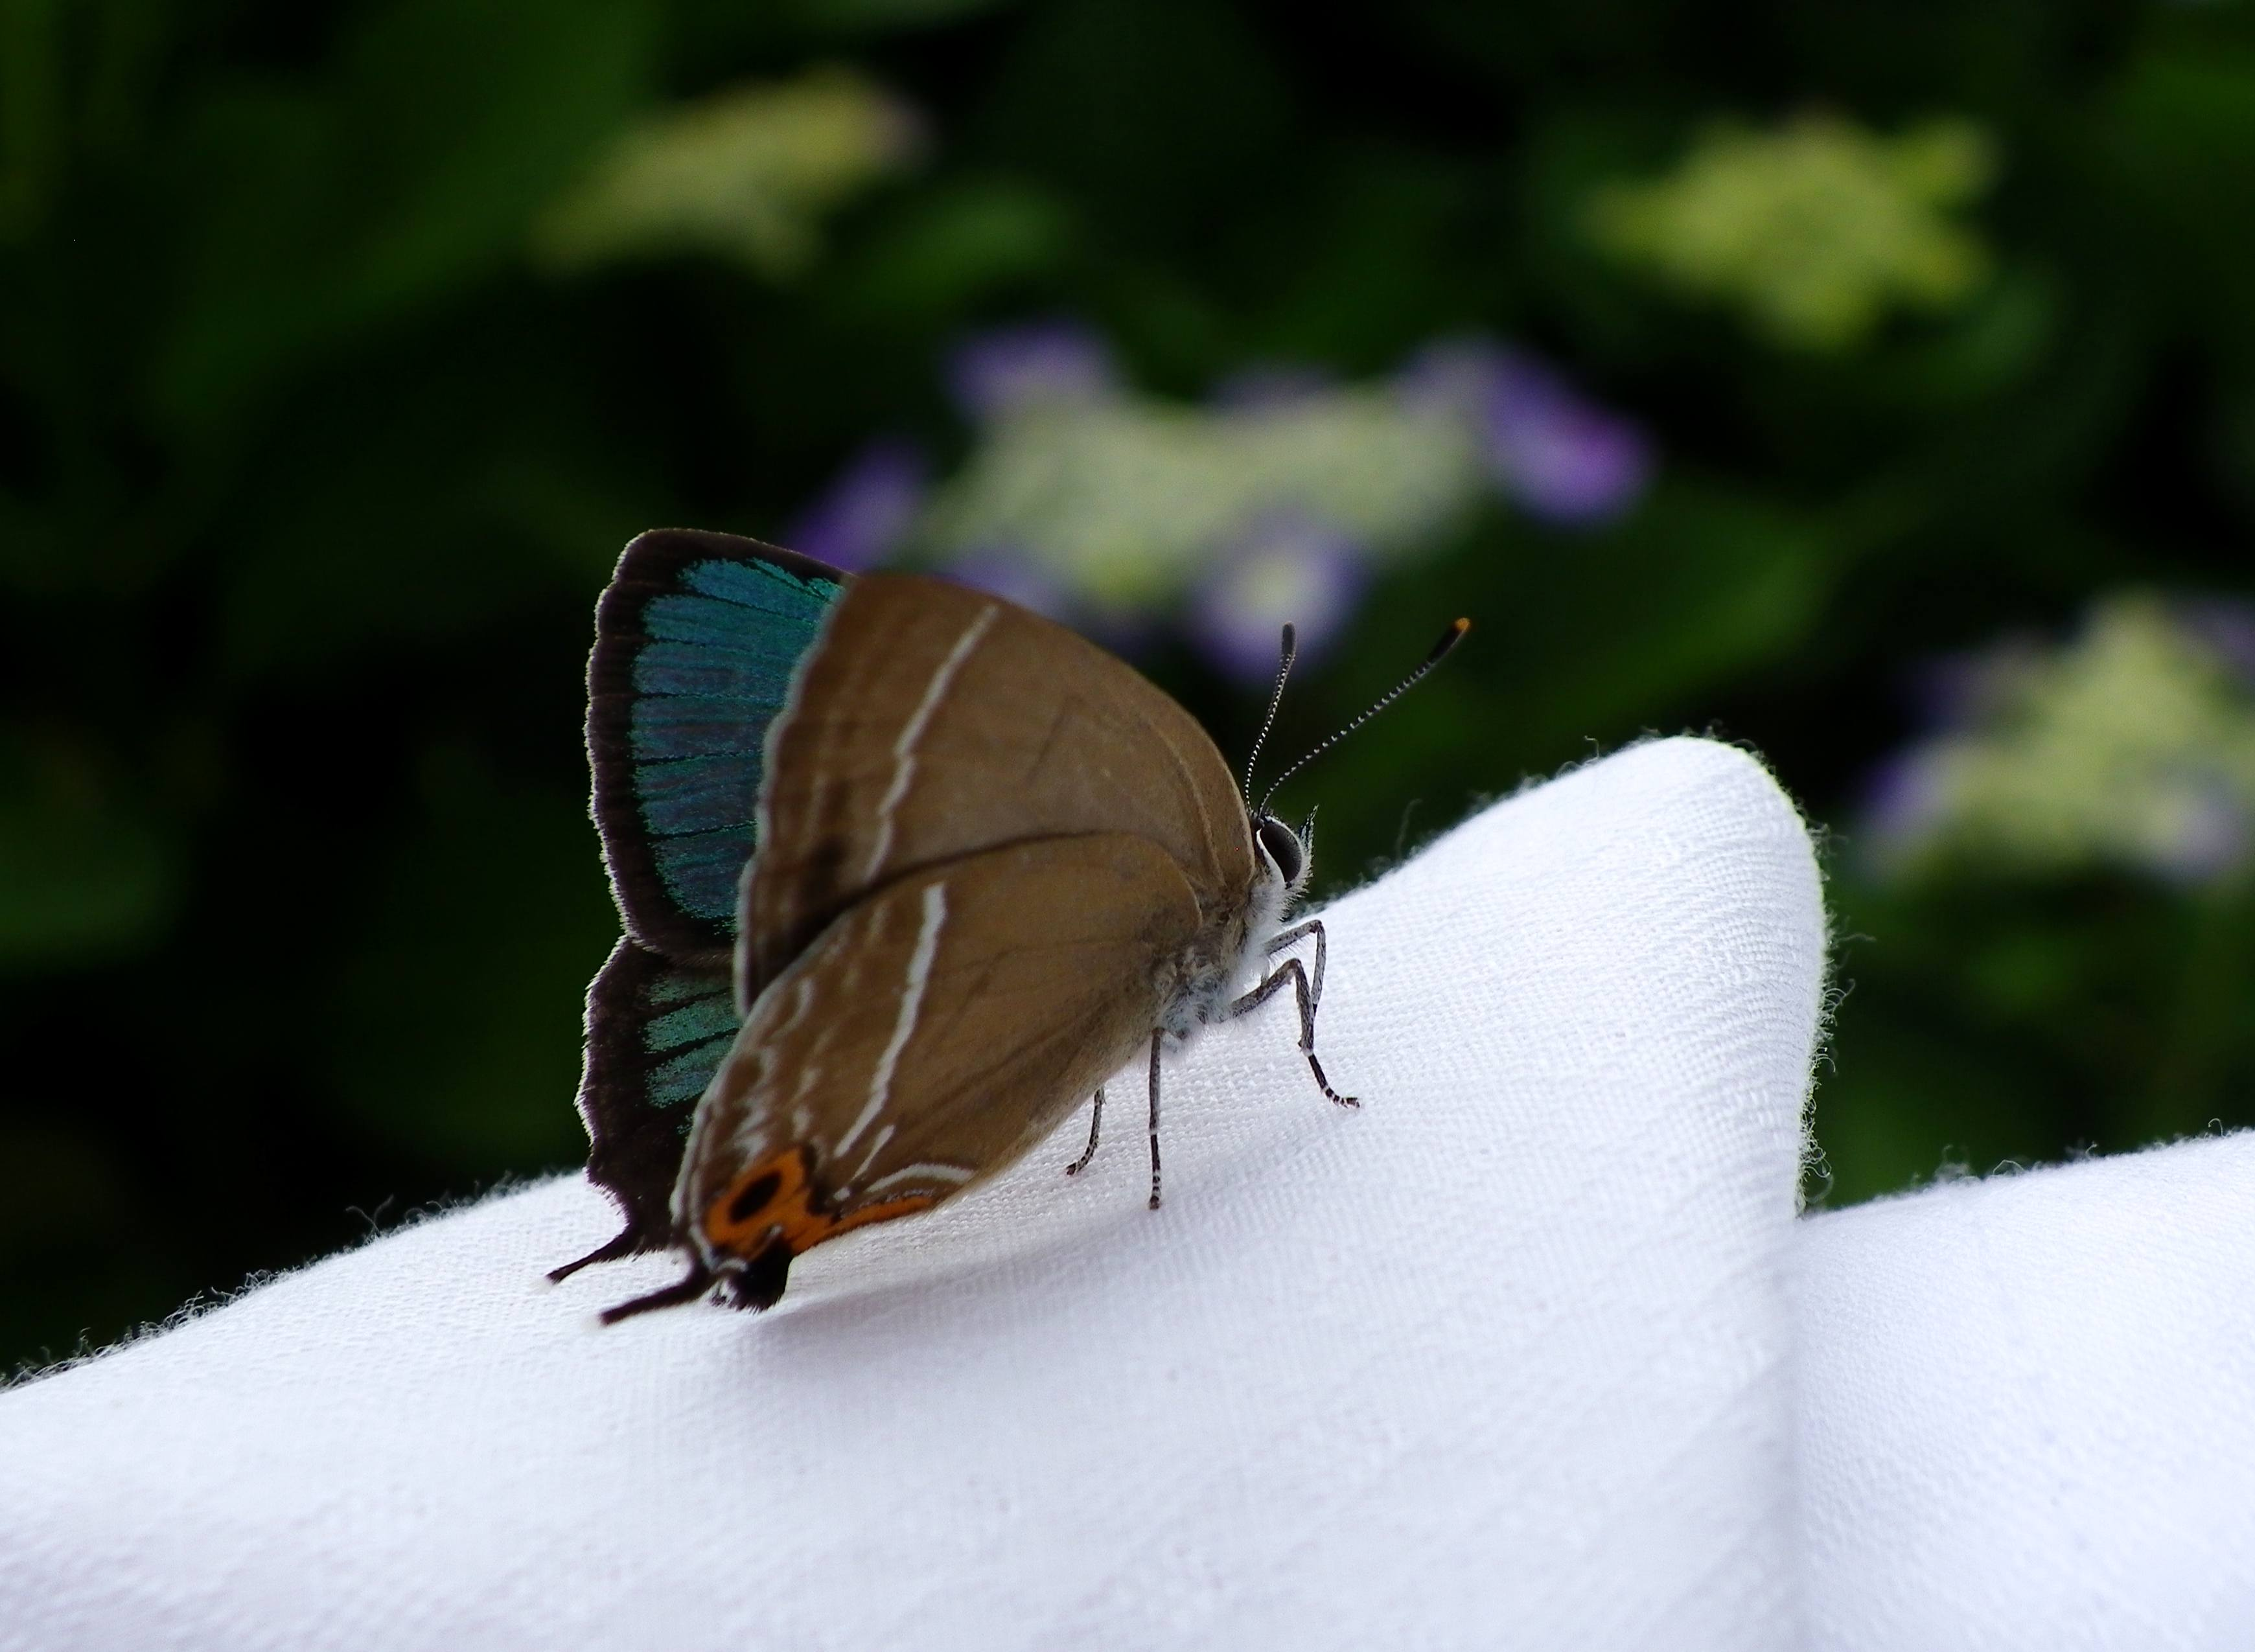 ミドリシジミ 6月2日朝の庭にて_d0254540_2012511.jpg